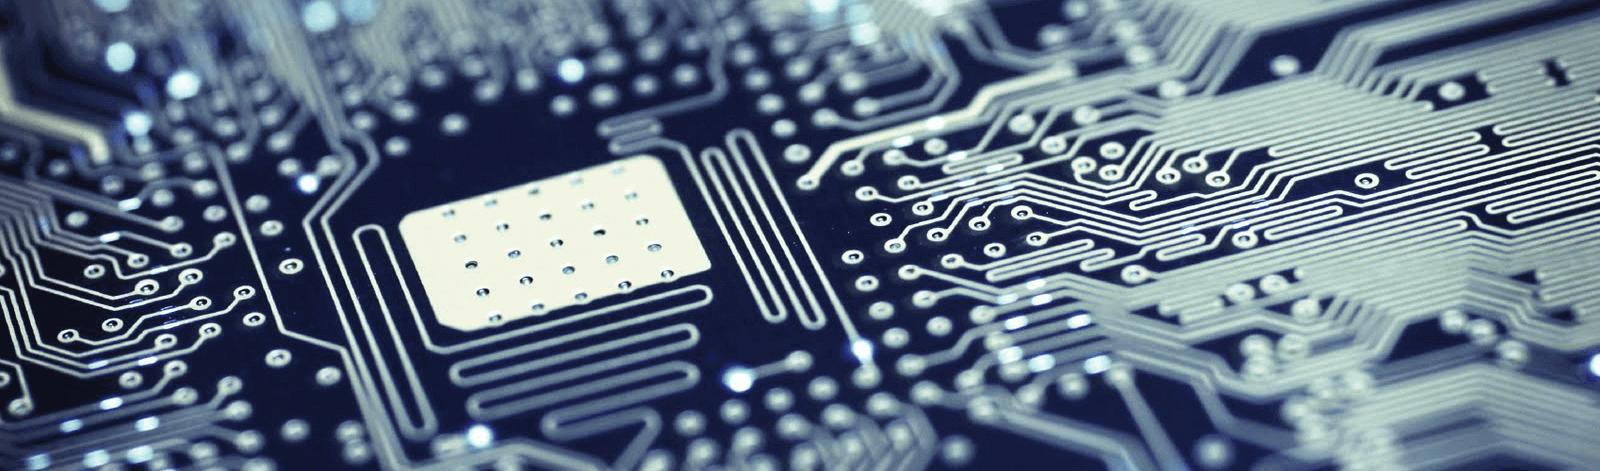 La Tecnología va de la mano con los Odontólogos